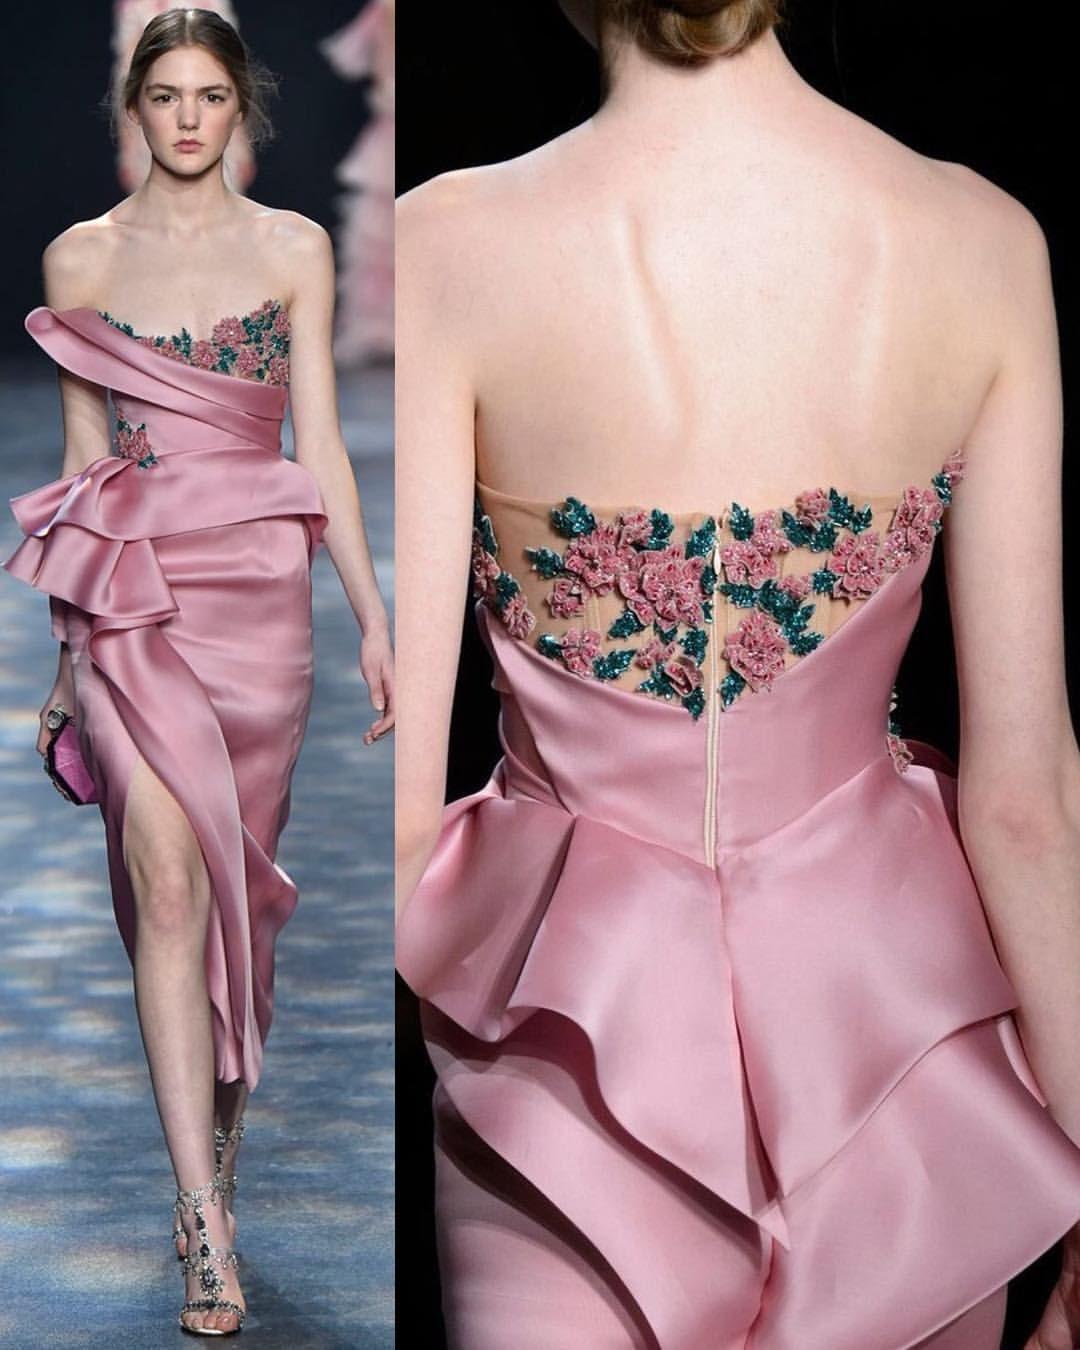 Pin de jessica Brinkley en fantasy fashions | Pinterest | Patrones ...